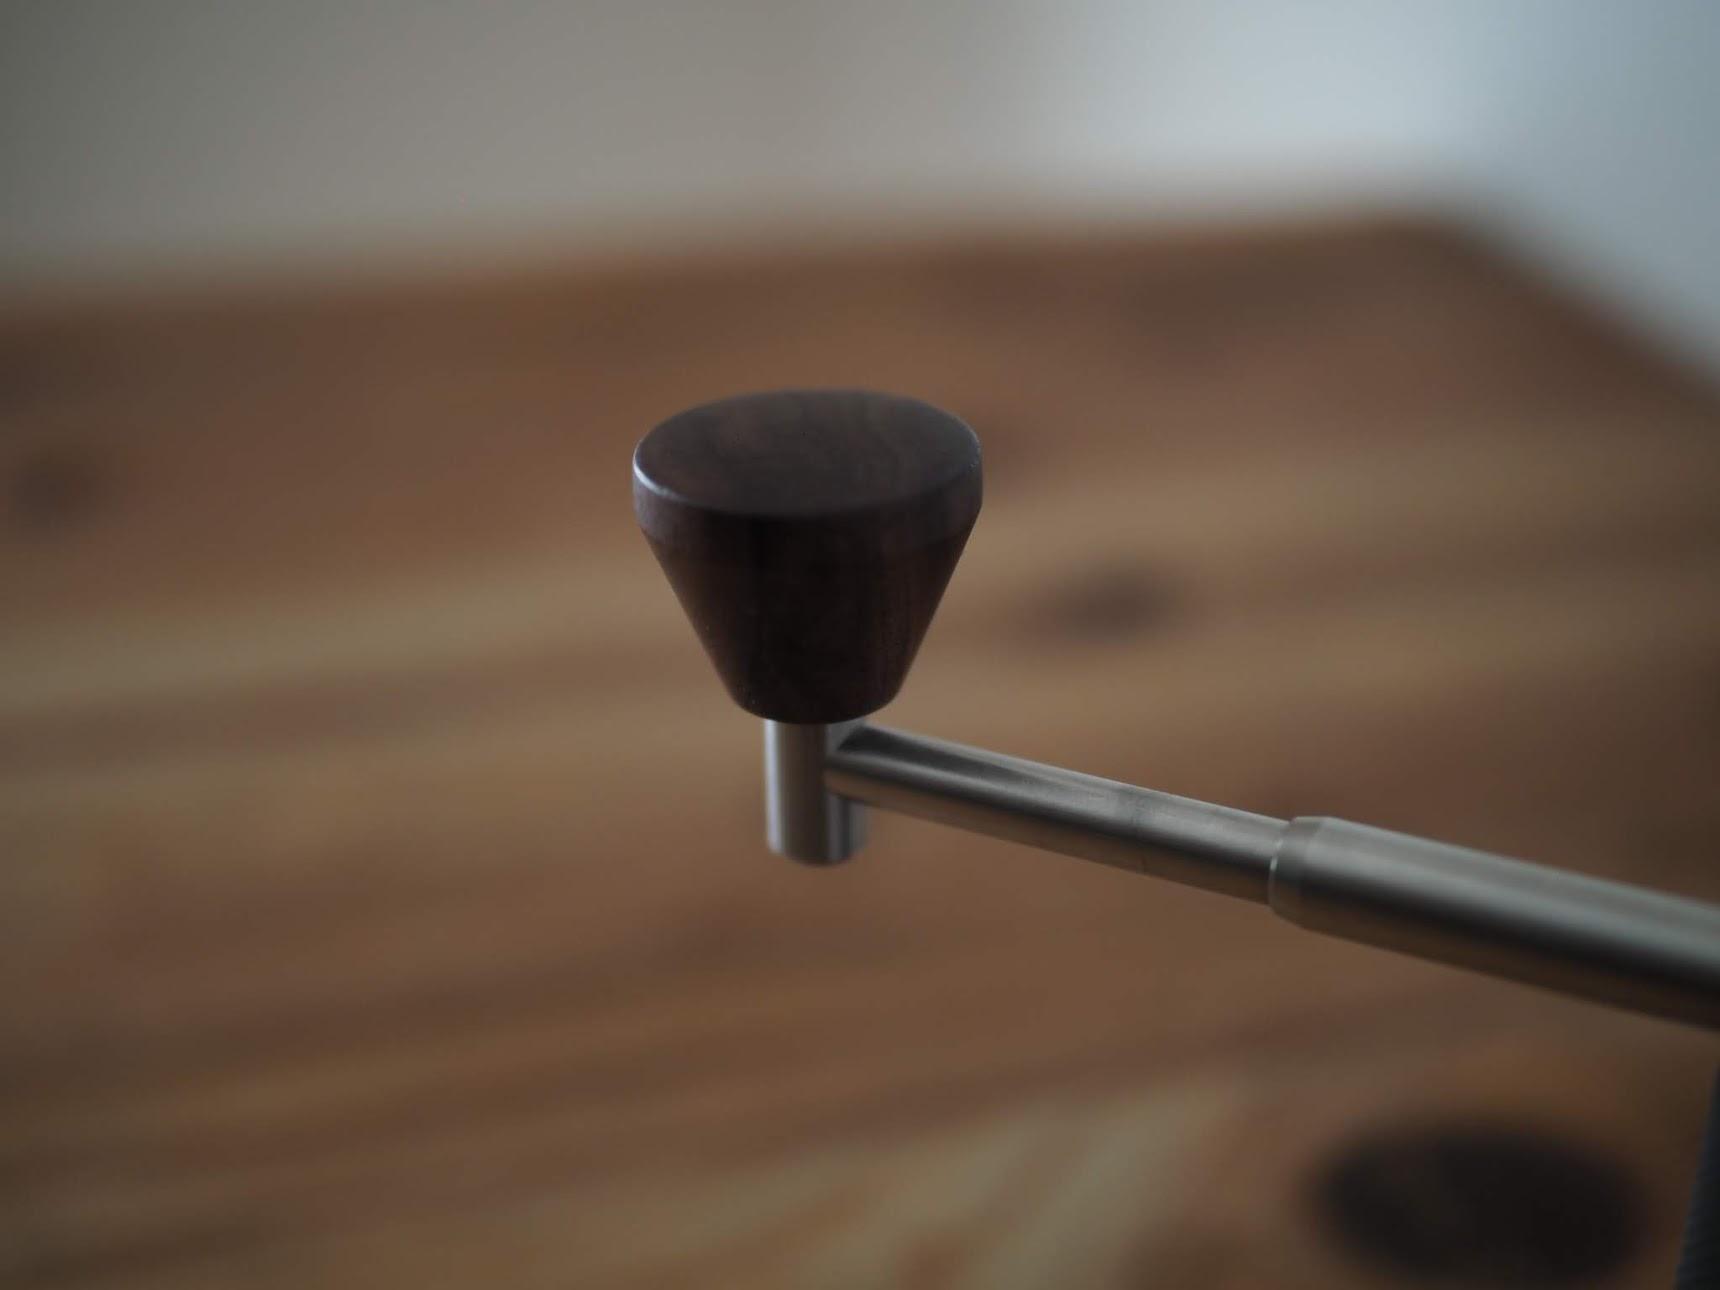 ウォルナット製のハンドルノブ